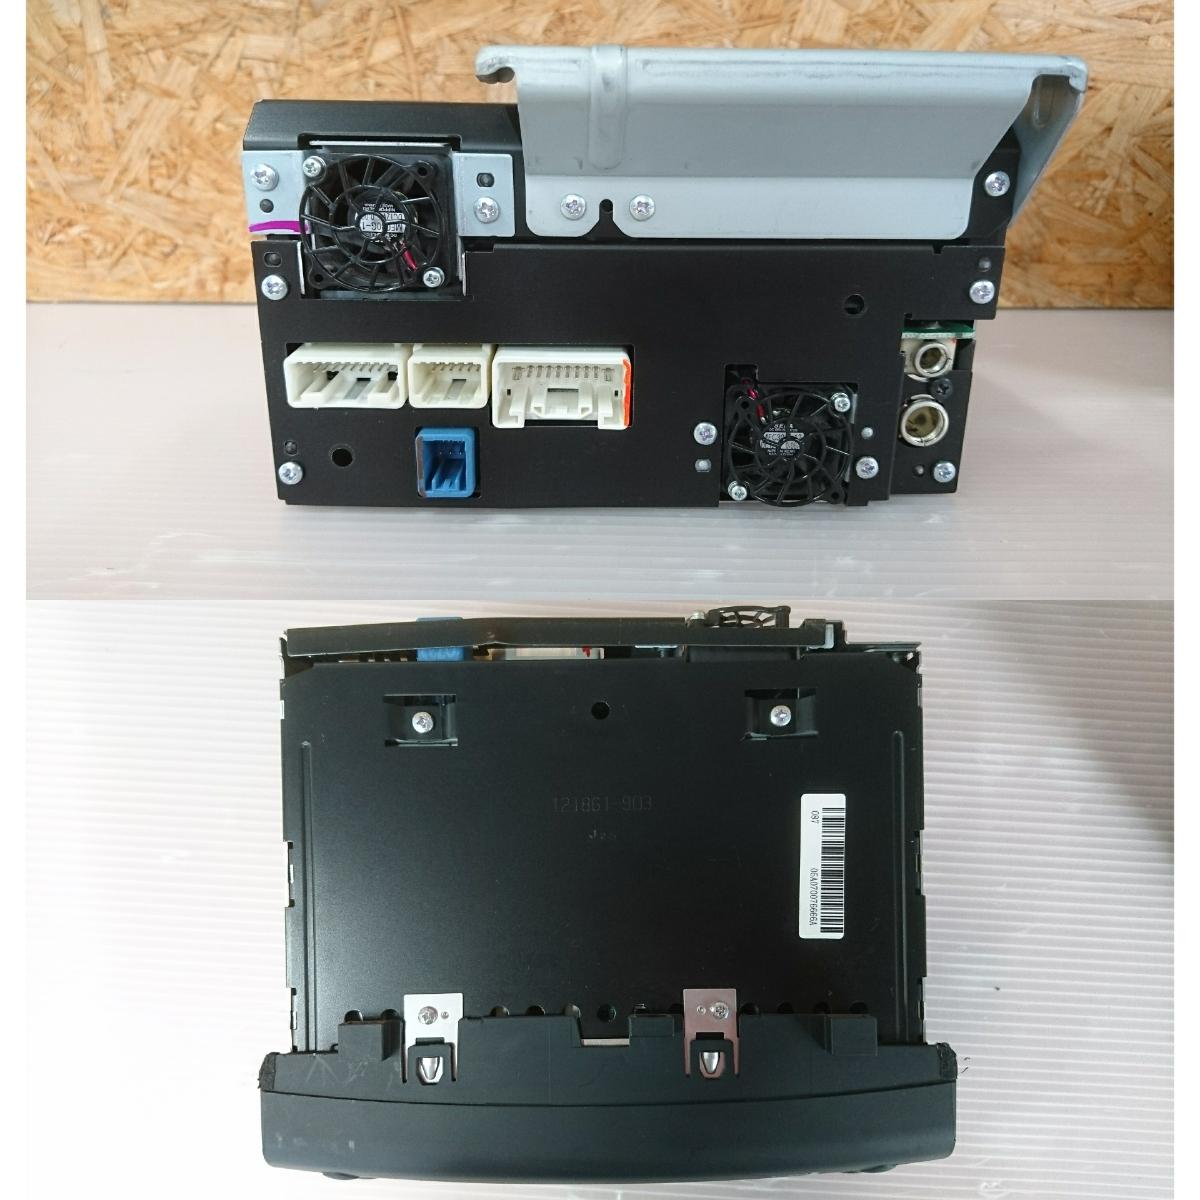 管u300504-0603 レクサス LEXUS GS460 URS190 / 純正 カー オーディオ CD&MD デッキ 動作確認済 良品 GS350 GS450 GS430 GRS_画像9